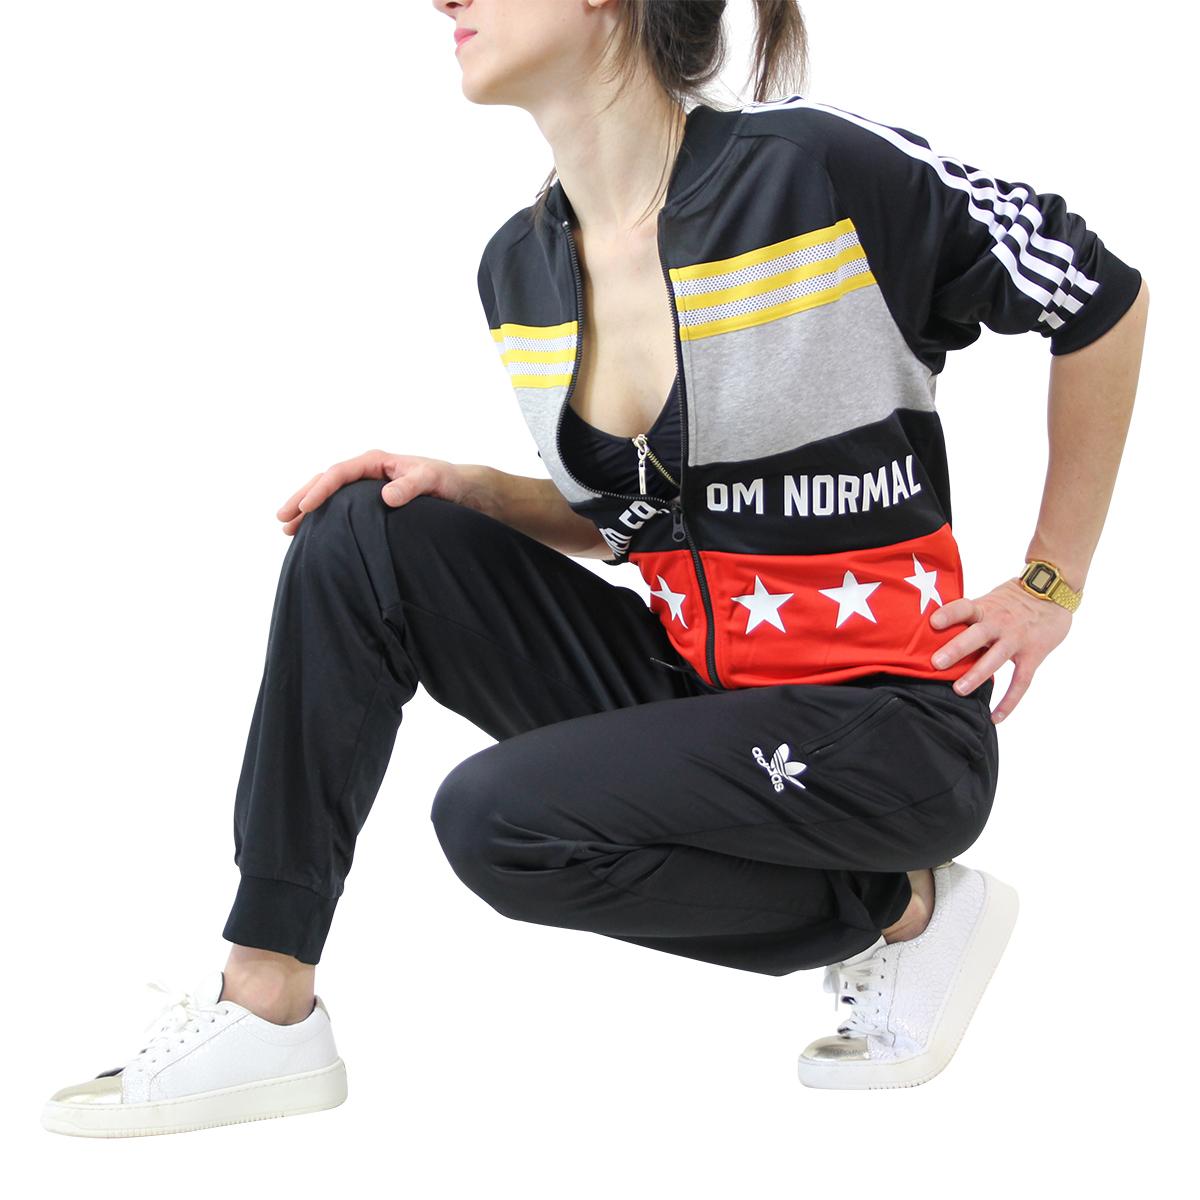 Adidas AVERE Tuta Donna Rita Ora 4 4 di 6 ... 016d8eca68e1